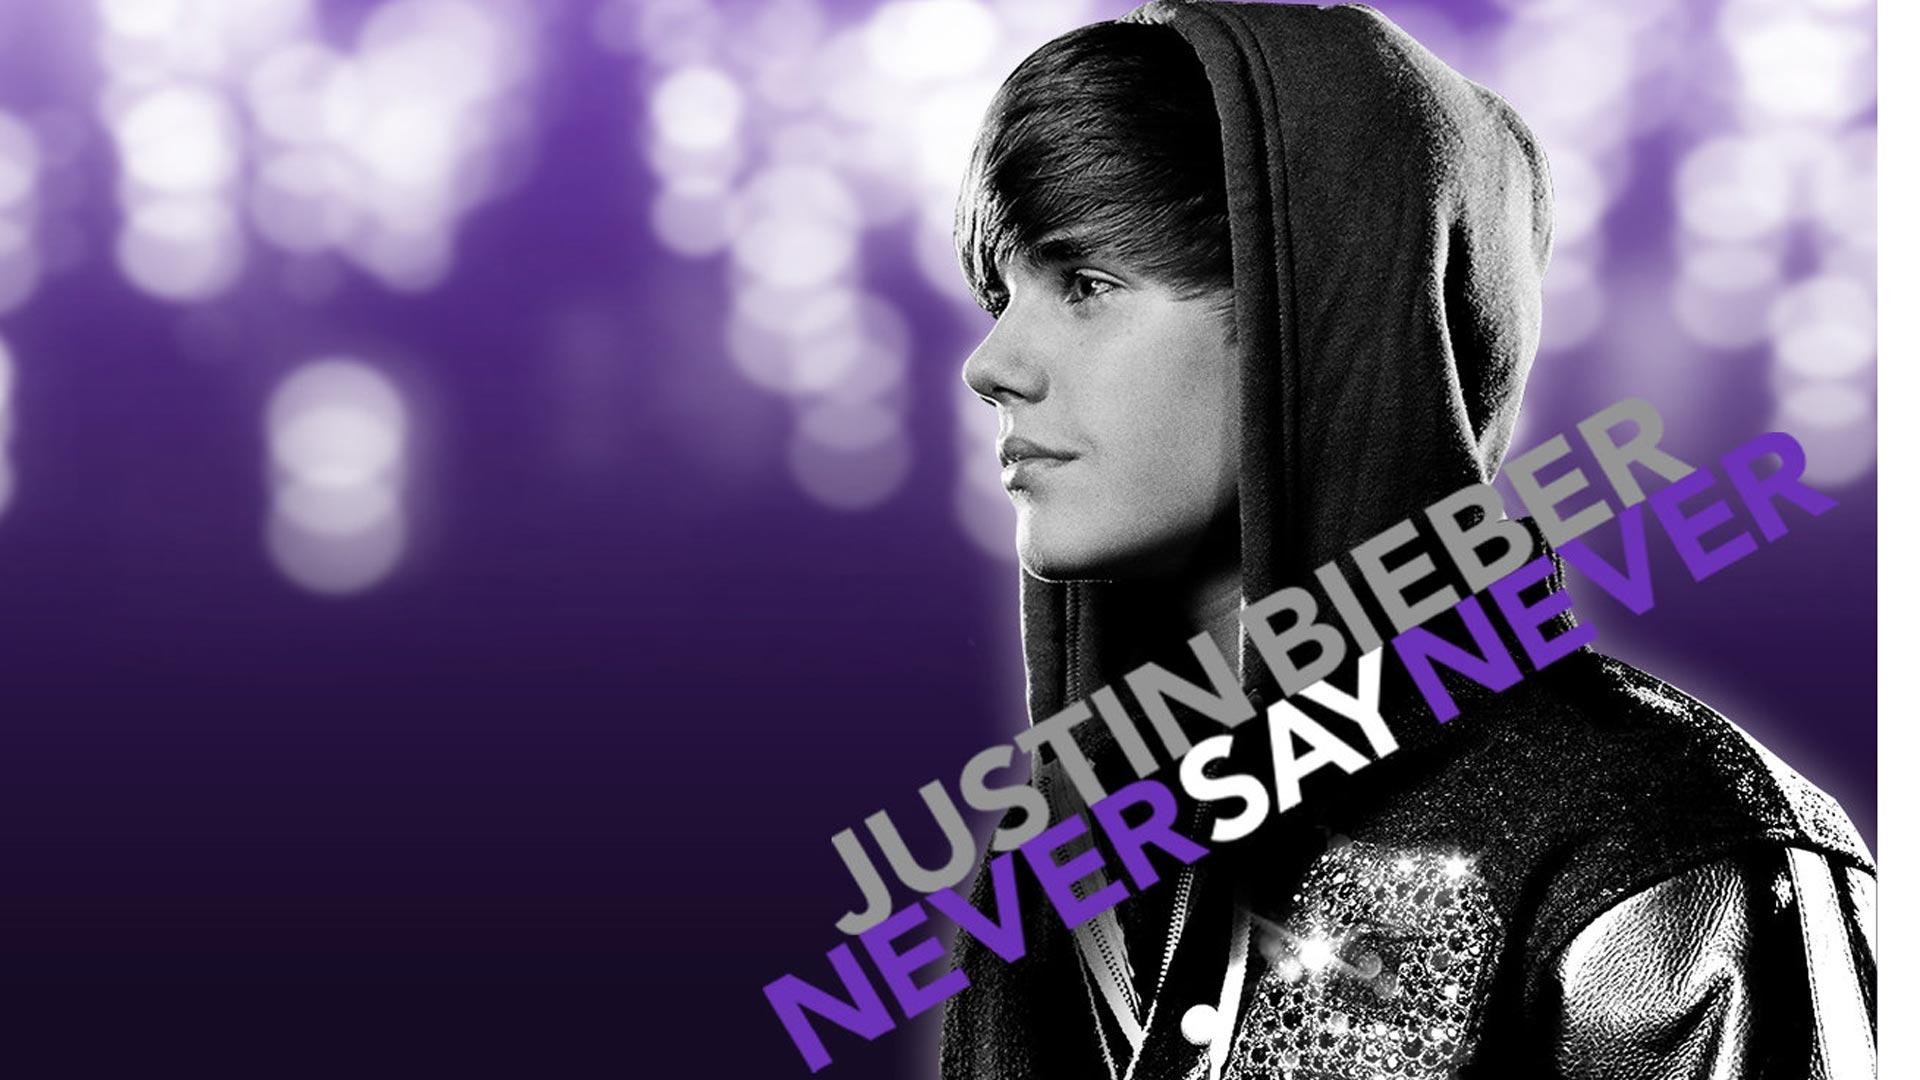 77 Justin Bieber Desktop Wallpaper On Wallpapersafari